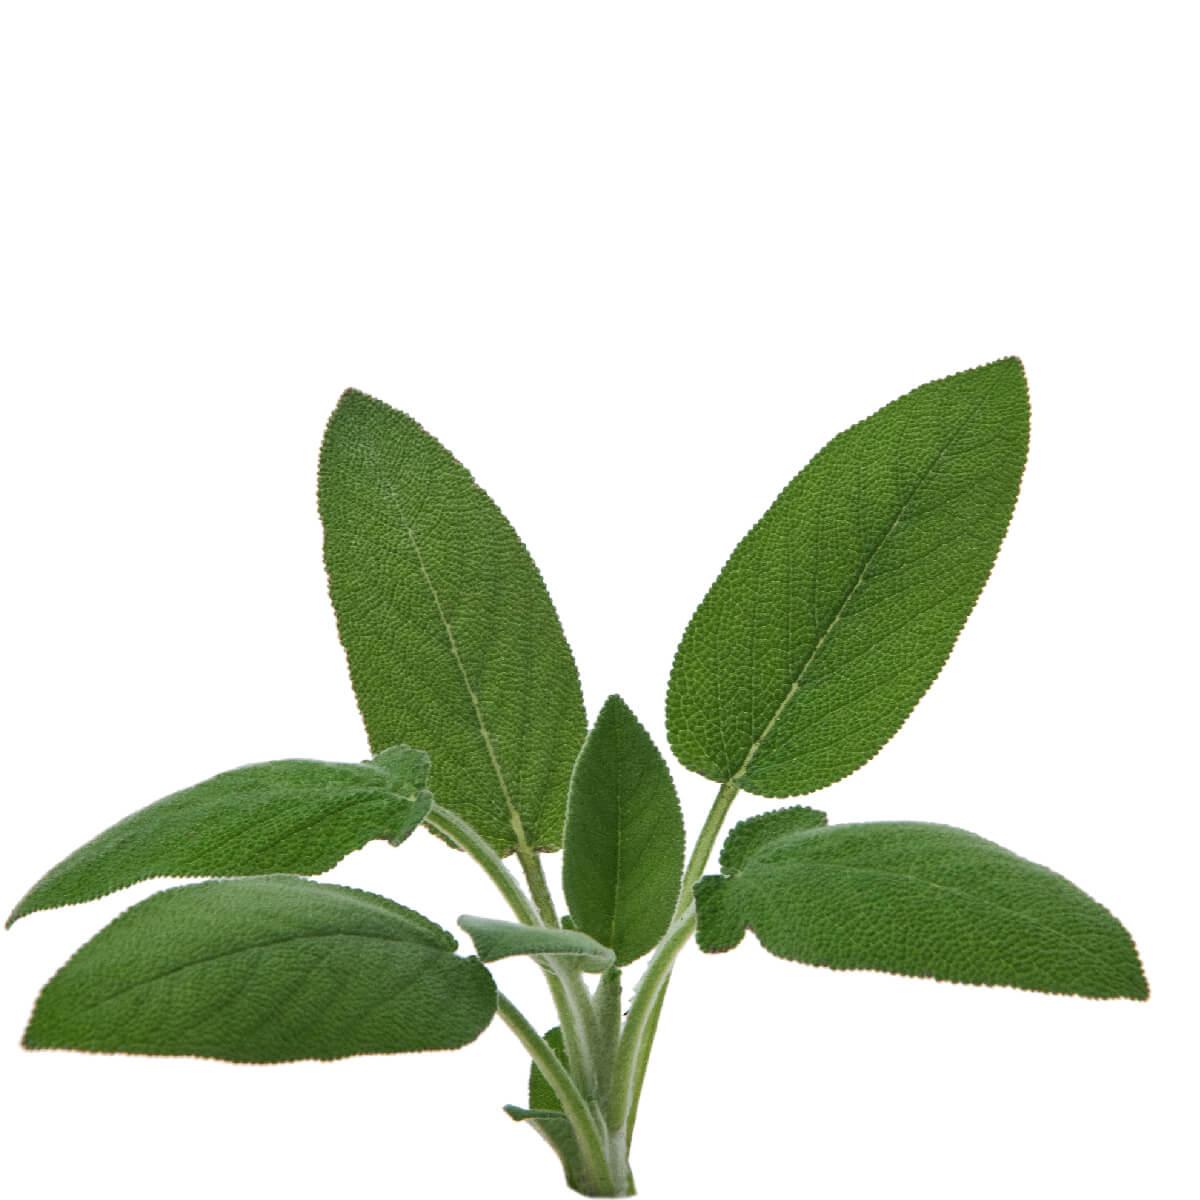 Sementes para plantar Sálvia em vasos autoirrigáveis RAIZ  - Vasos Raiz Loja Oficial